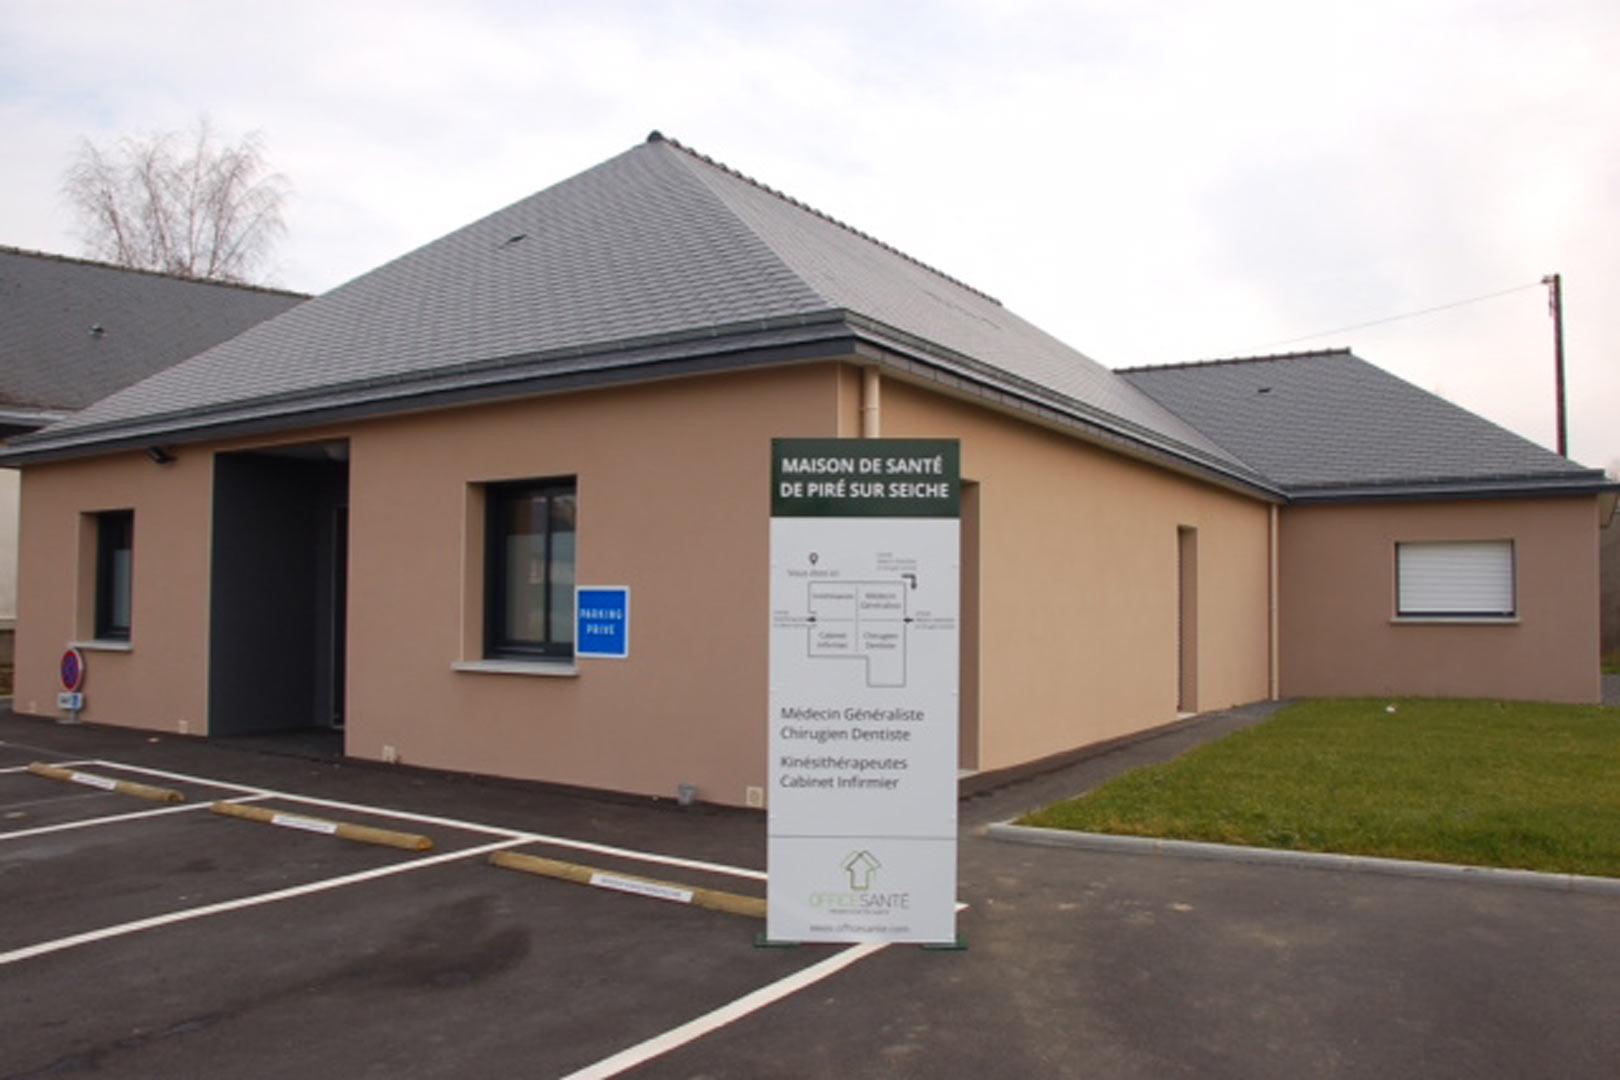 La Maison de santé à Piré-sur-Seiche (35) ouvrira en 2014